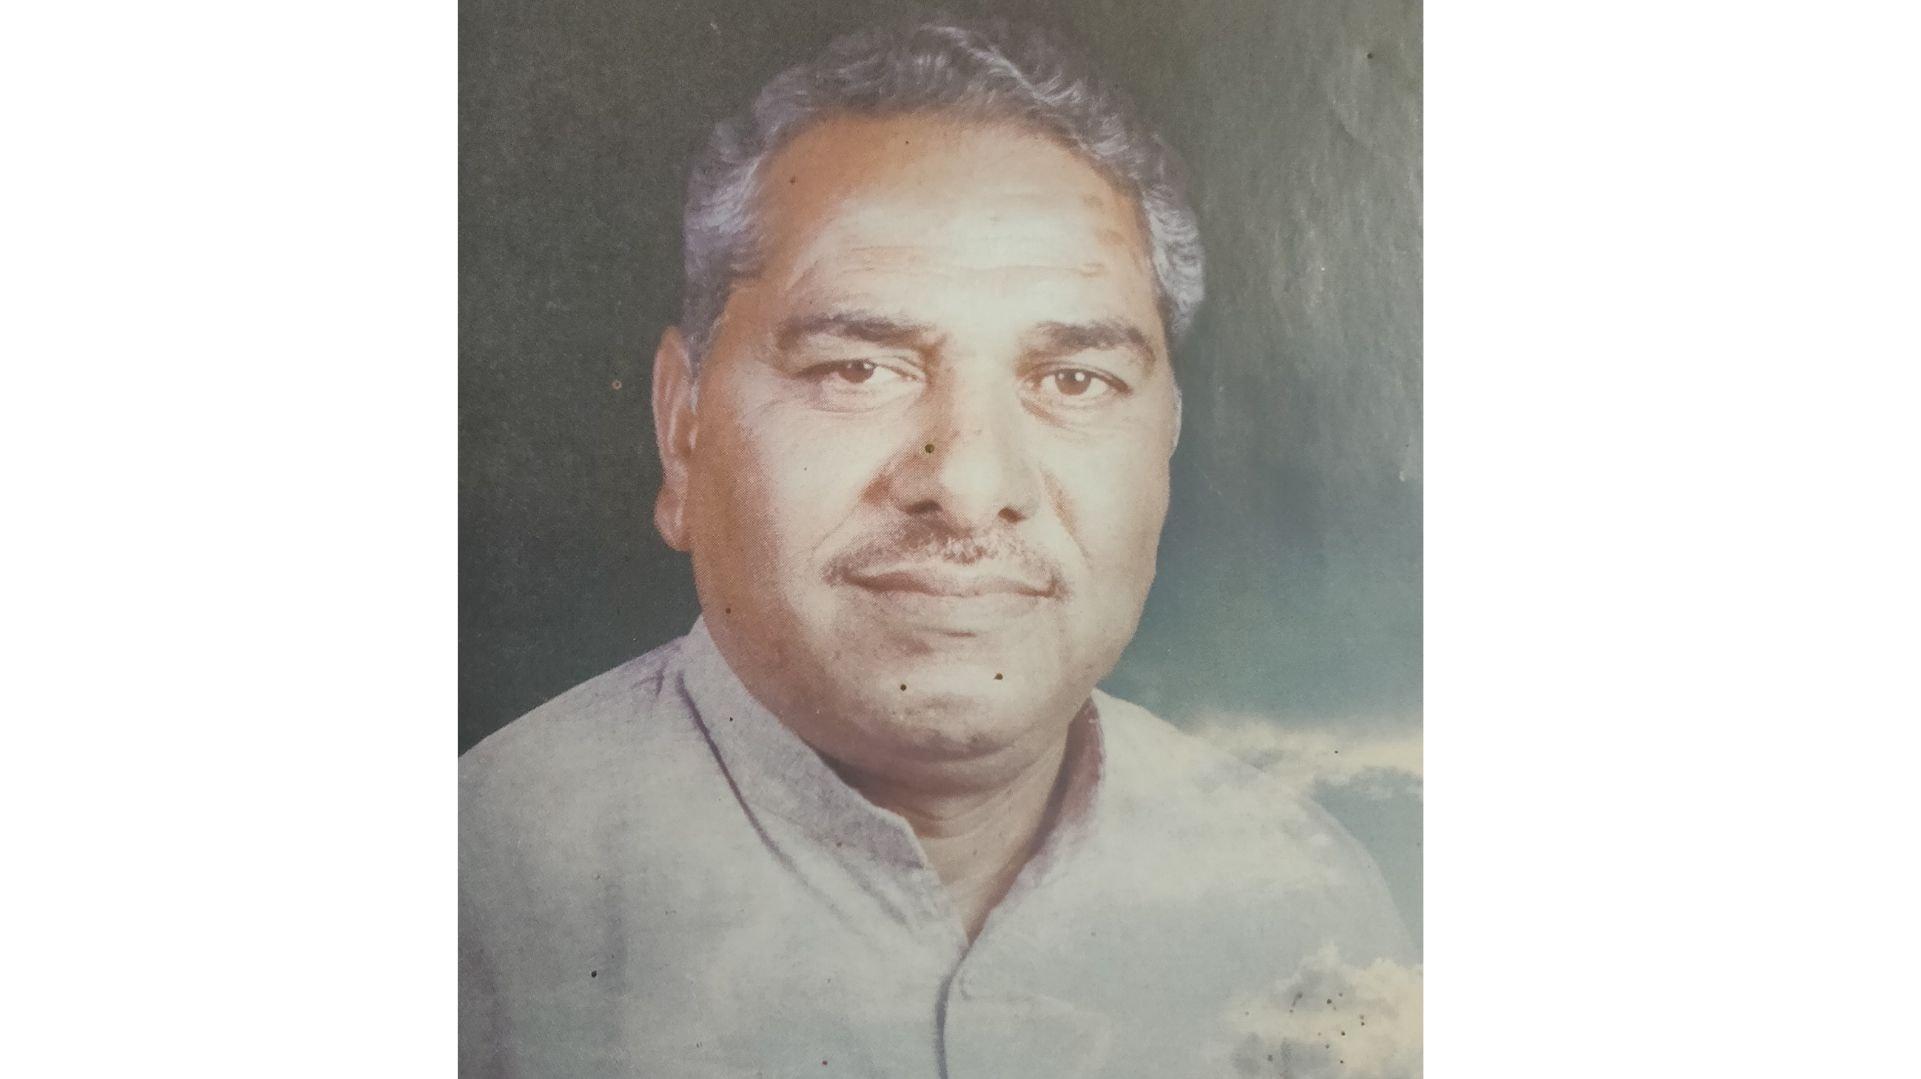 21. Pyar Singh Nenama (Source Mahesh Nenama)